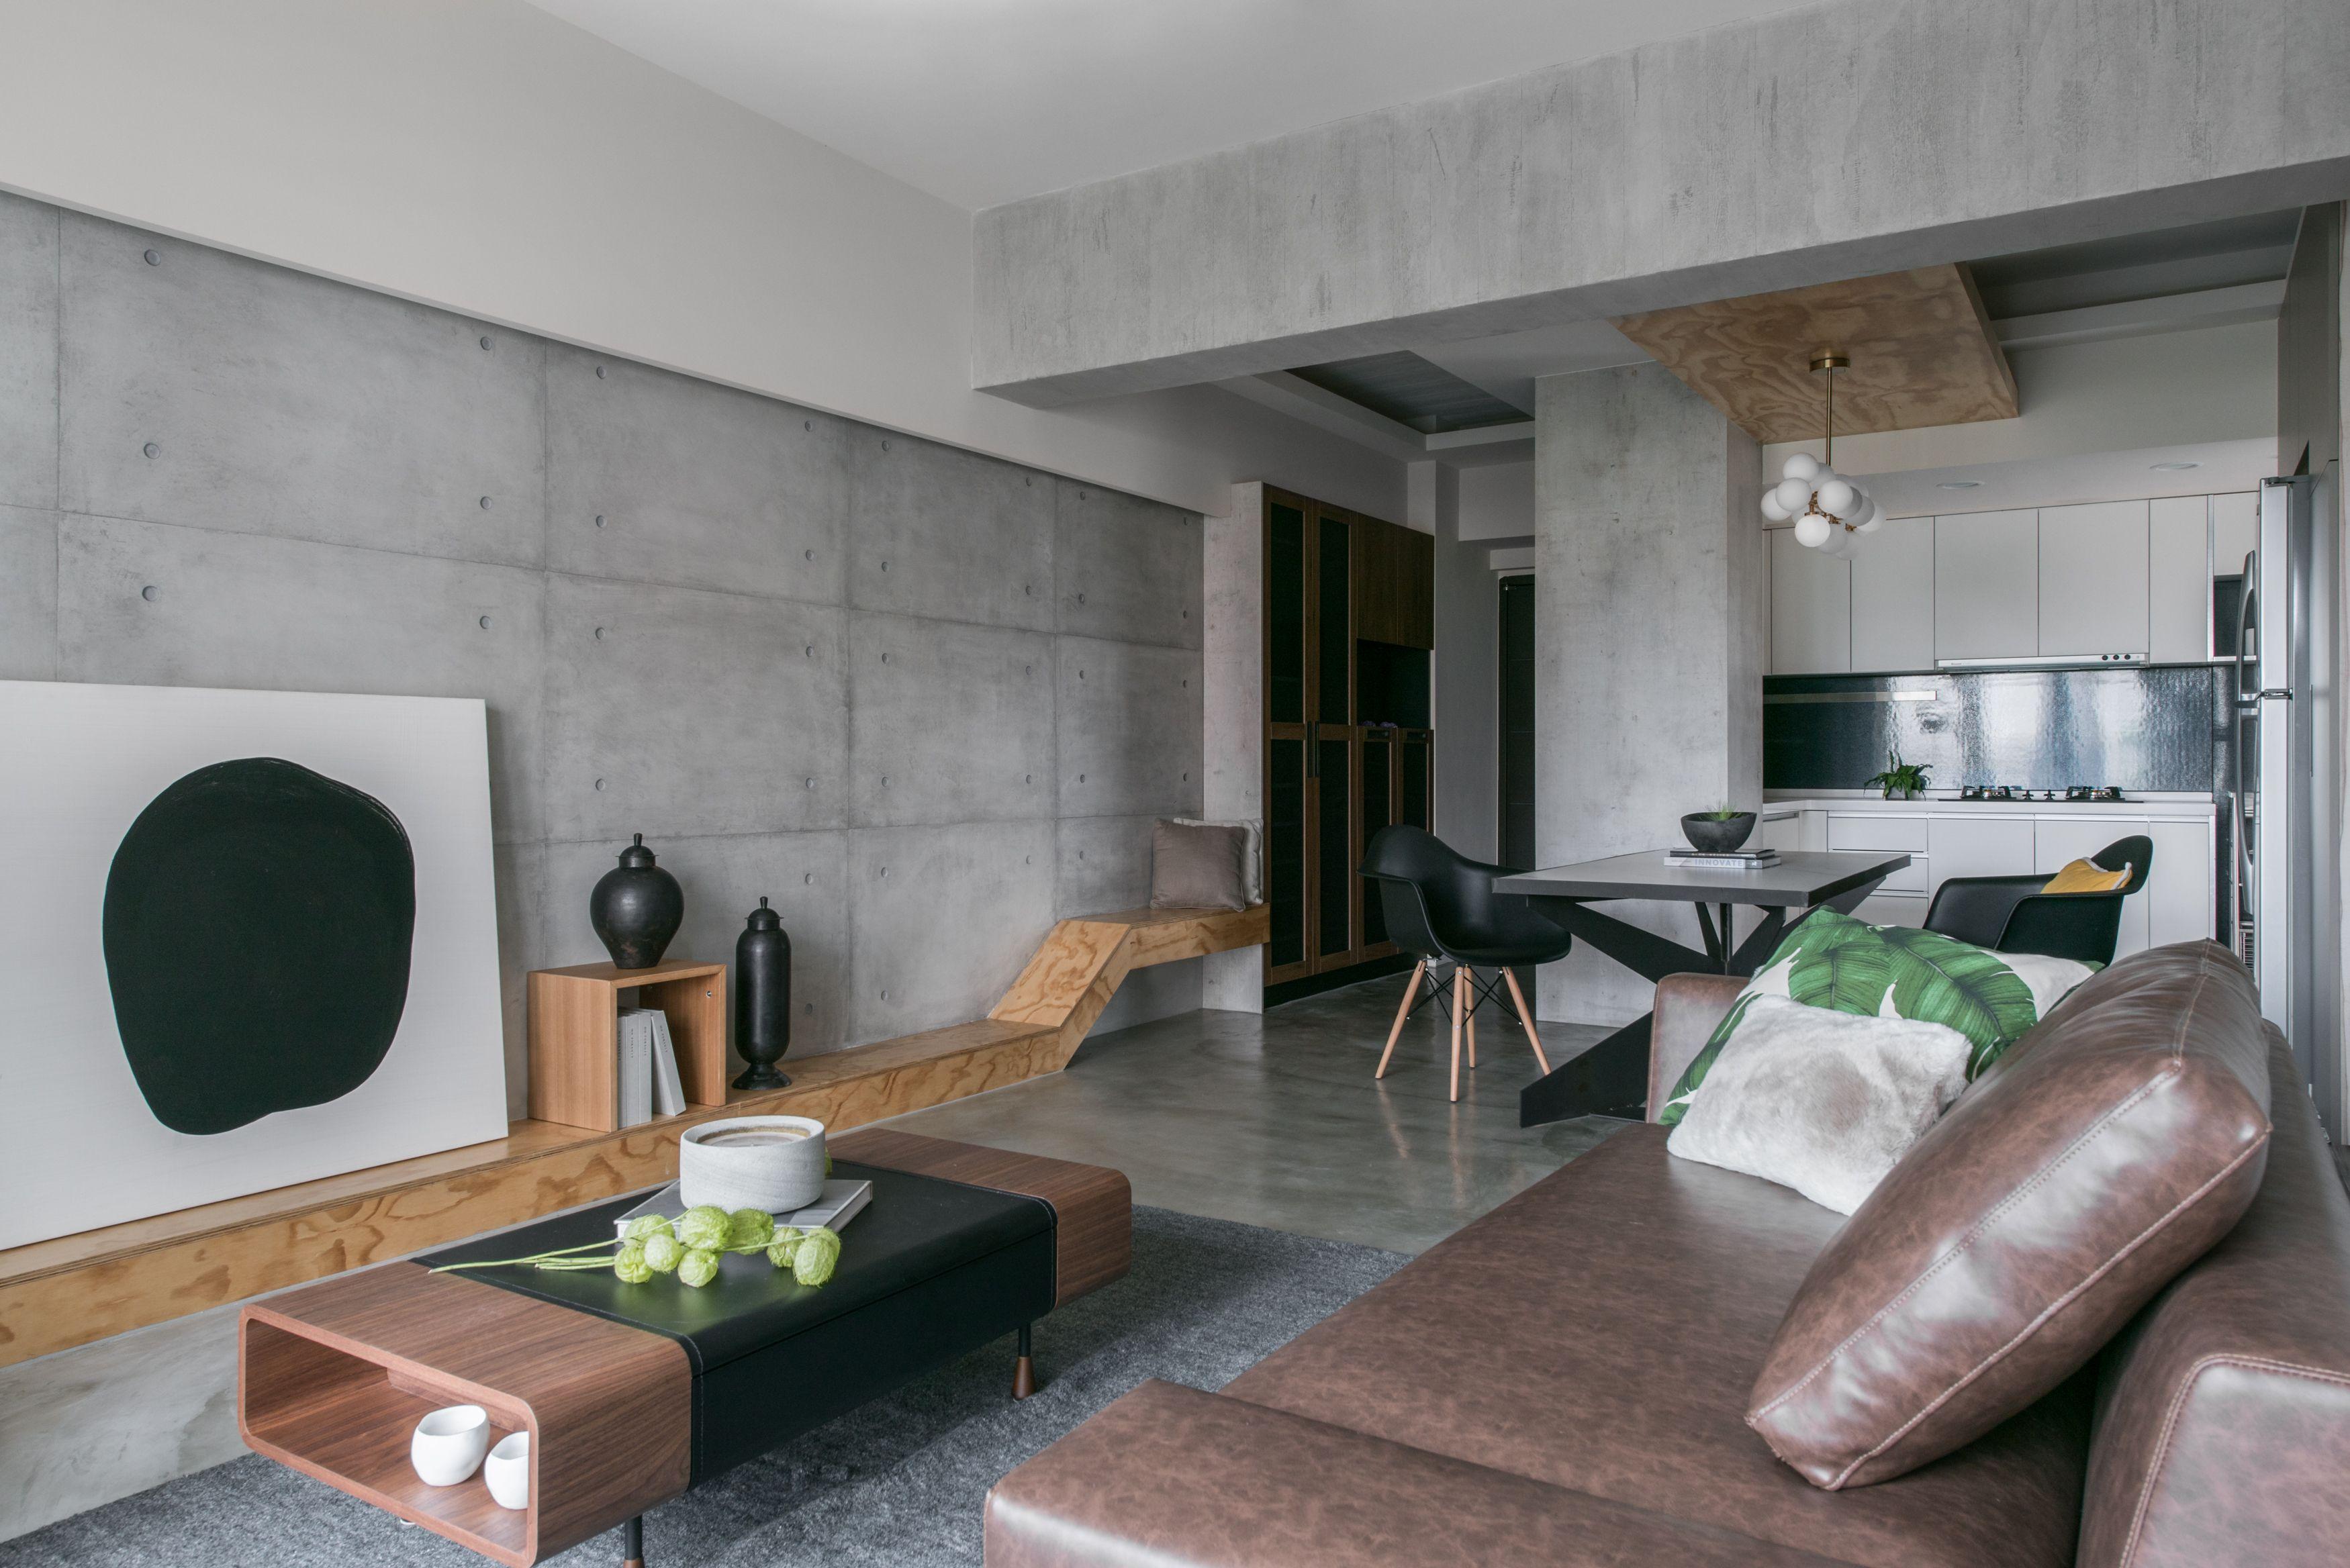 Novacolor s Archi Concrete in Taichung Taiwan Designer Ms Chia